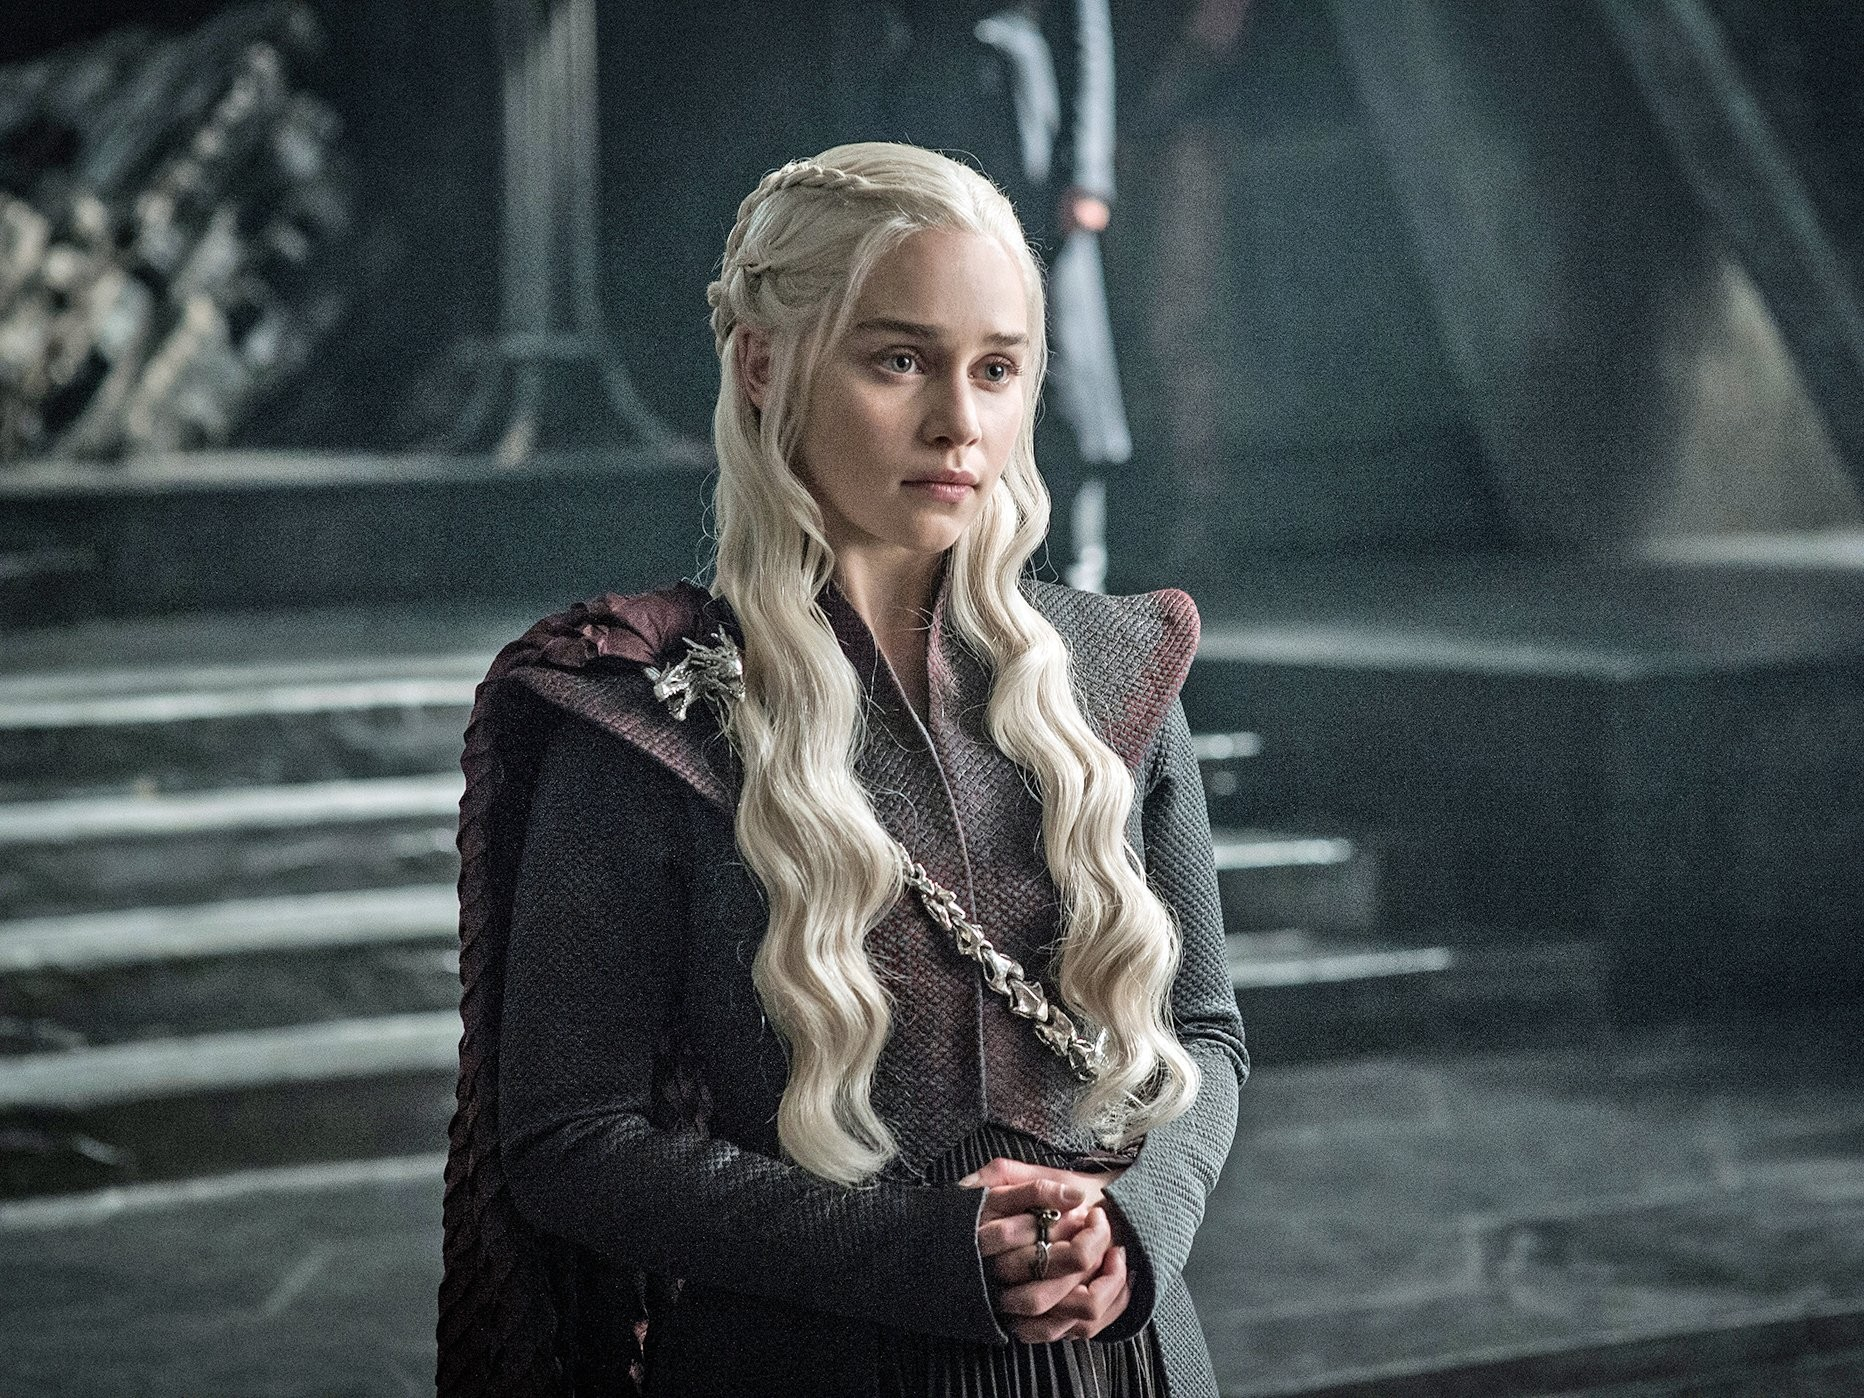 Game of Thrones ou Breaking Bad? Pesquisa revela melhor série do século - 1